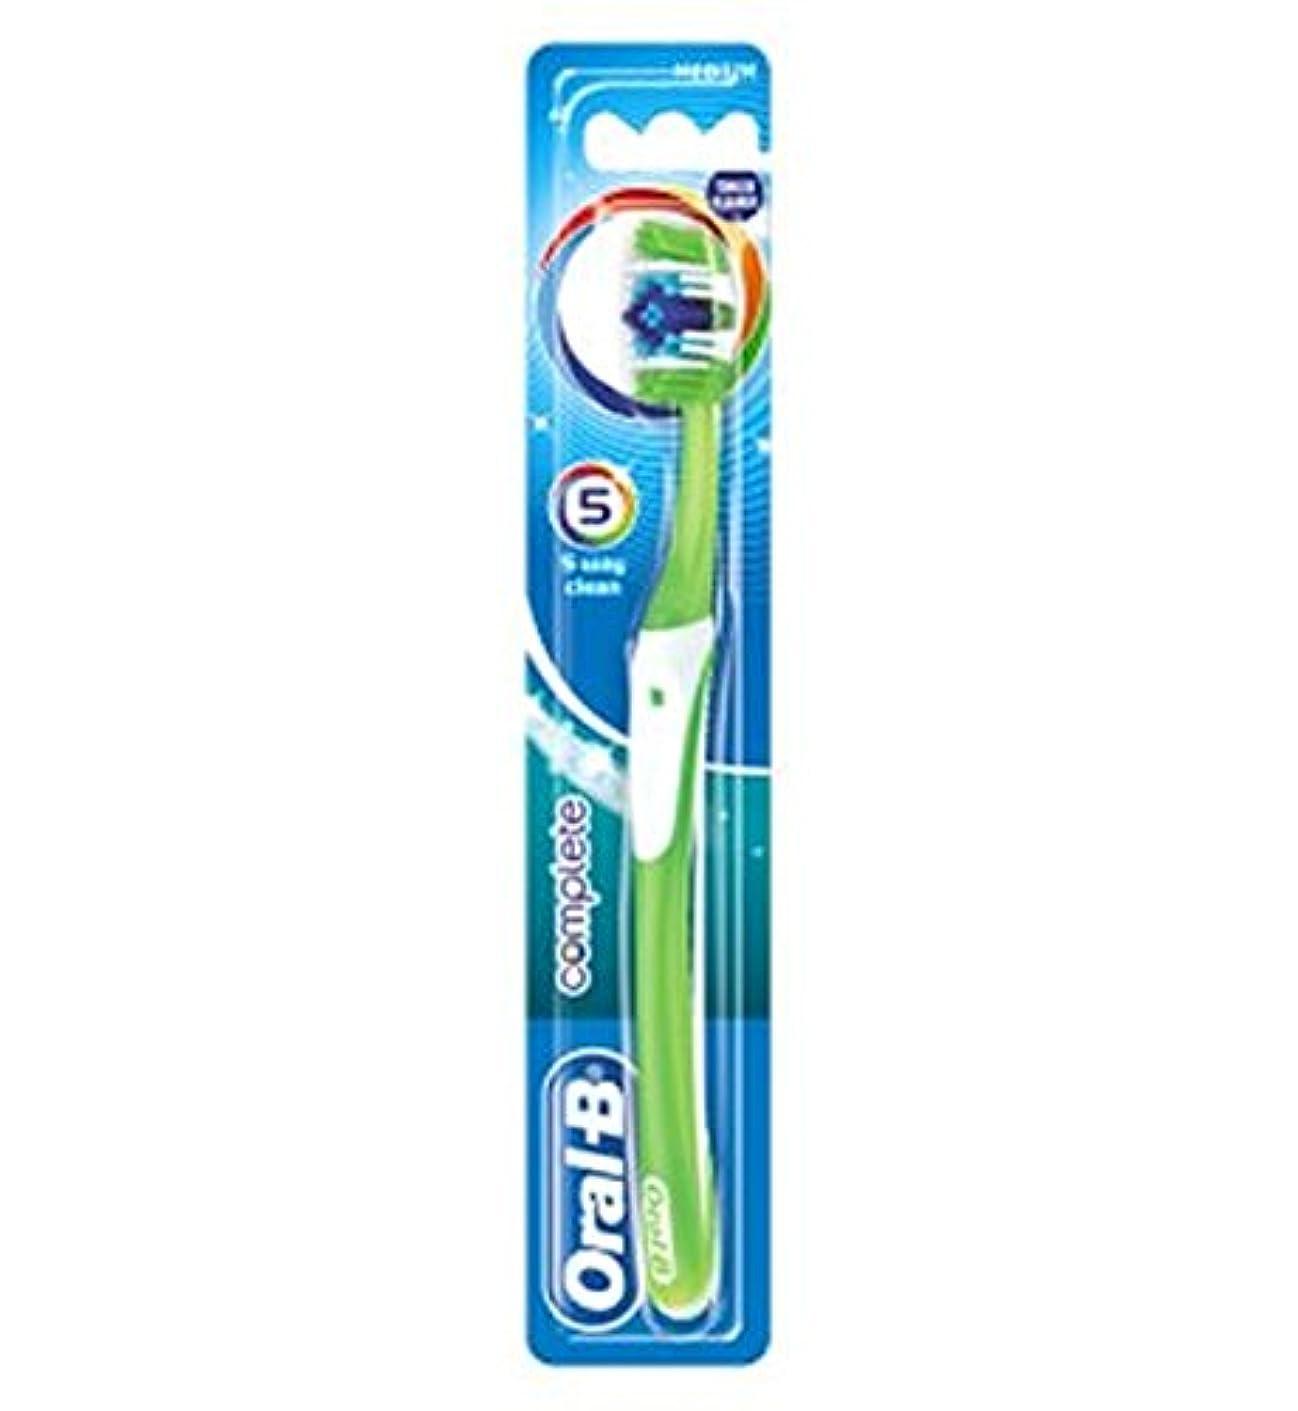 本能チャンピオン麻痺Oral-B Complete 5 Way Clean Medium Manual Toothbrush - オーラルBの完全な5道クリーンなメディアの手動歯ブラシ (Oral B) [並行輸入品]